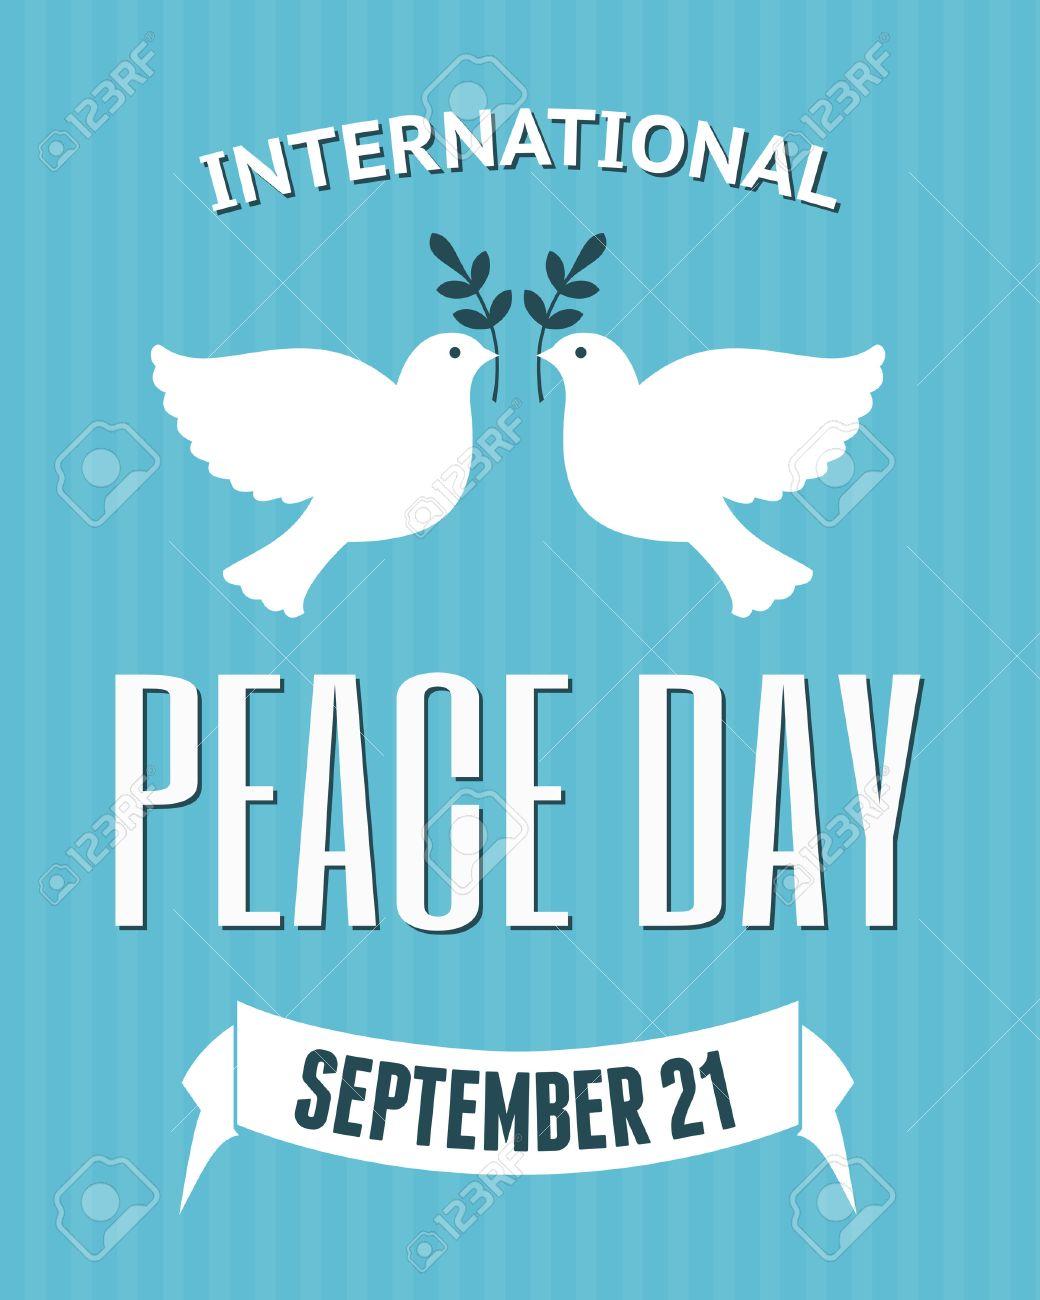 オリーブの枝を運ぶ鳩と国際平和...